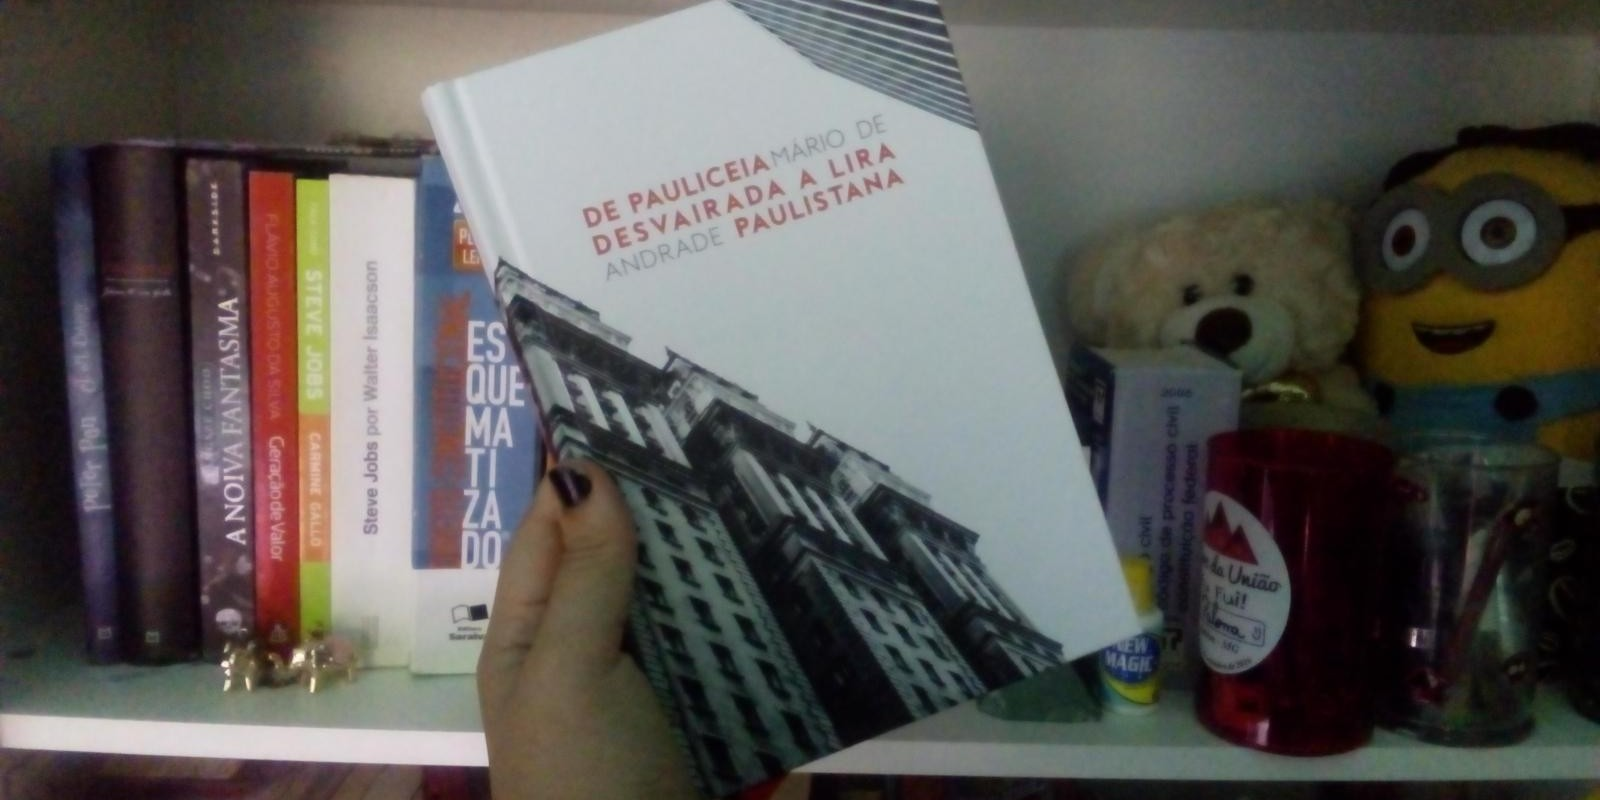 [Resenha: De Pauliceia Desvairada a Lira Paulistana - Mario de Andrade ]